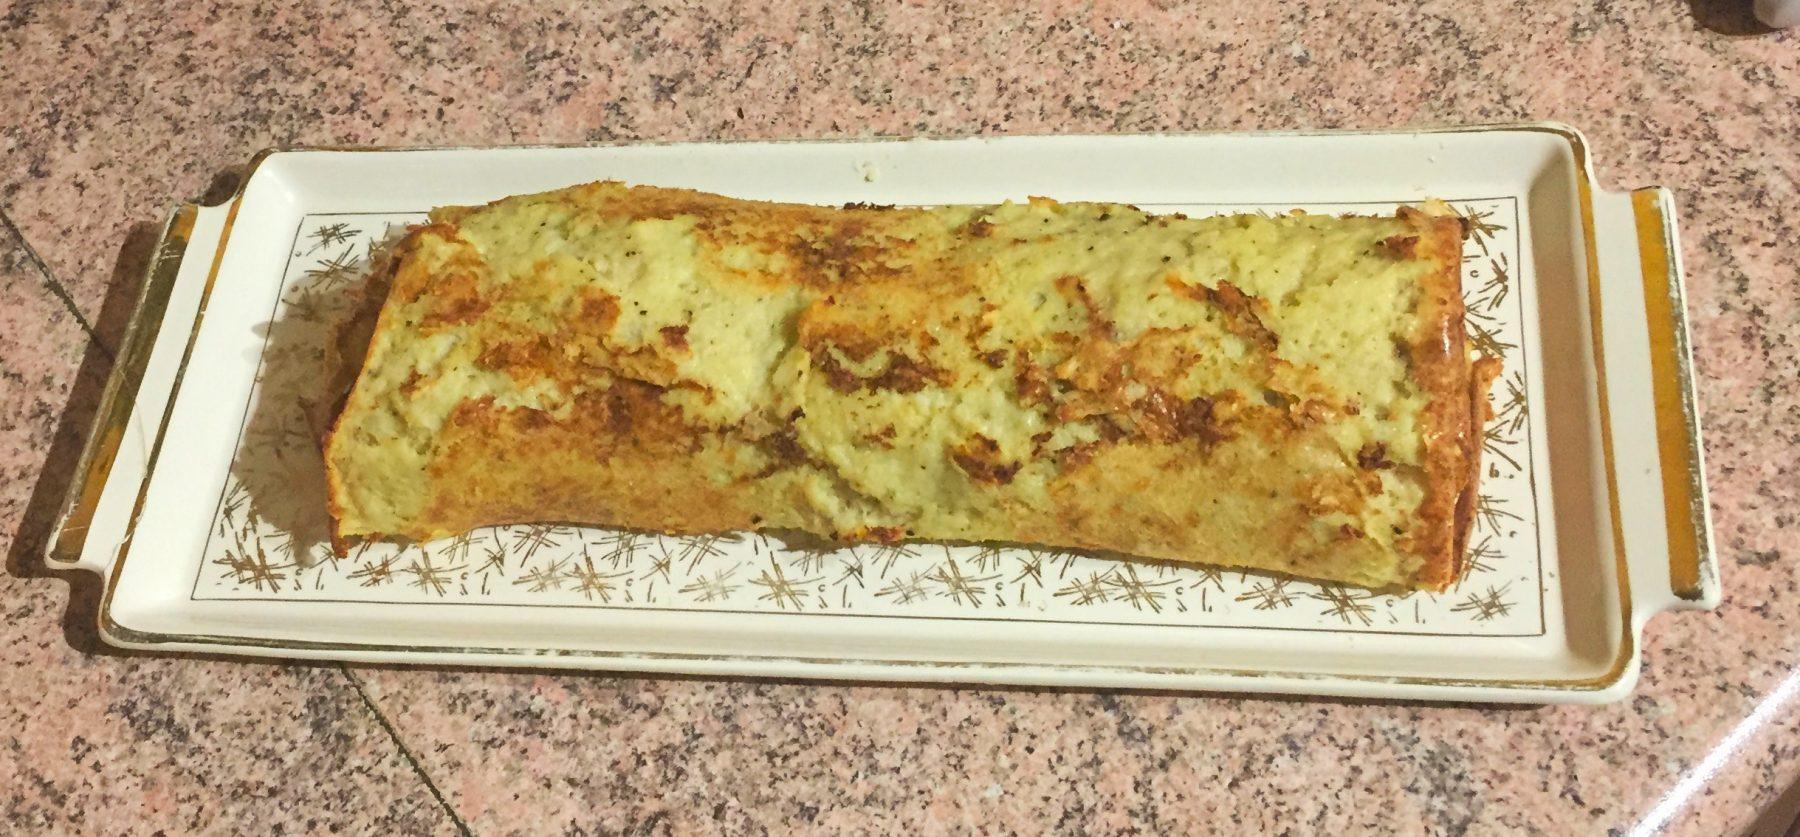 IMG 1074 - Roulé de pommes de terre au jambon et à la mozzarella (recette Companion)